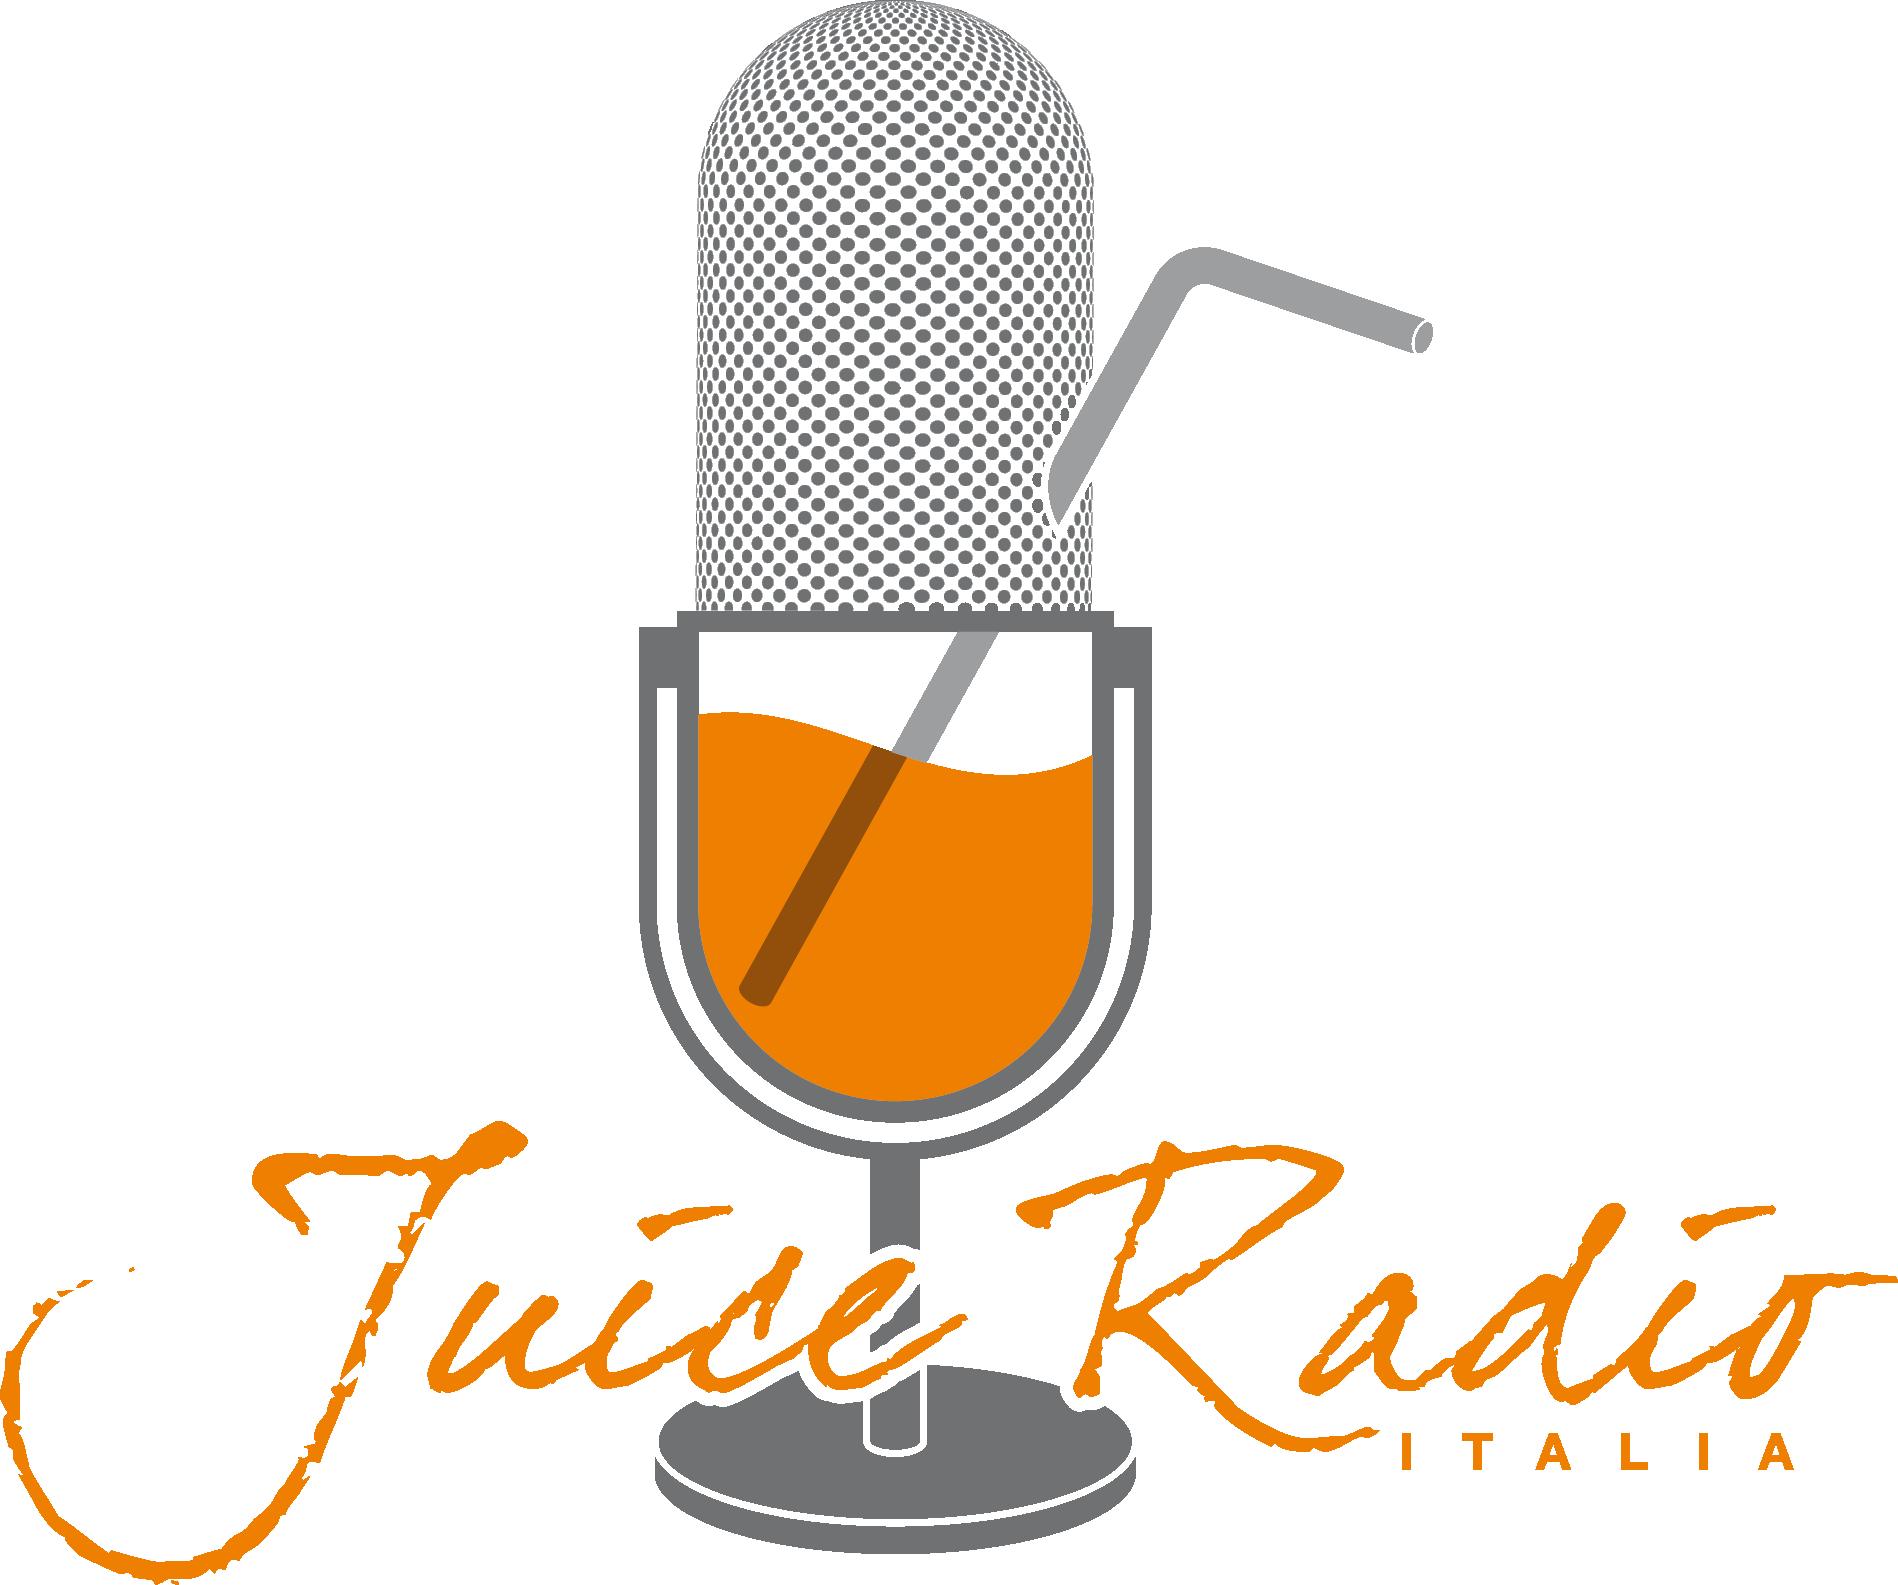 Juice Radio Italia